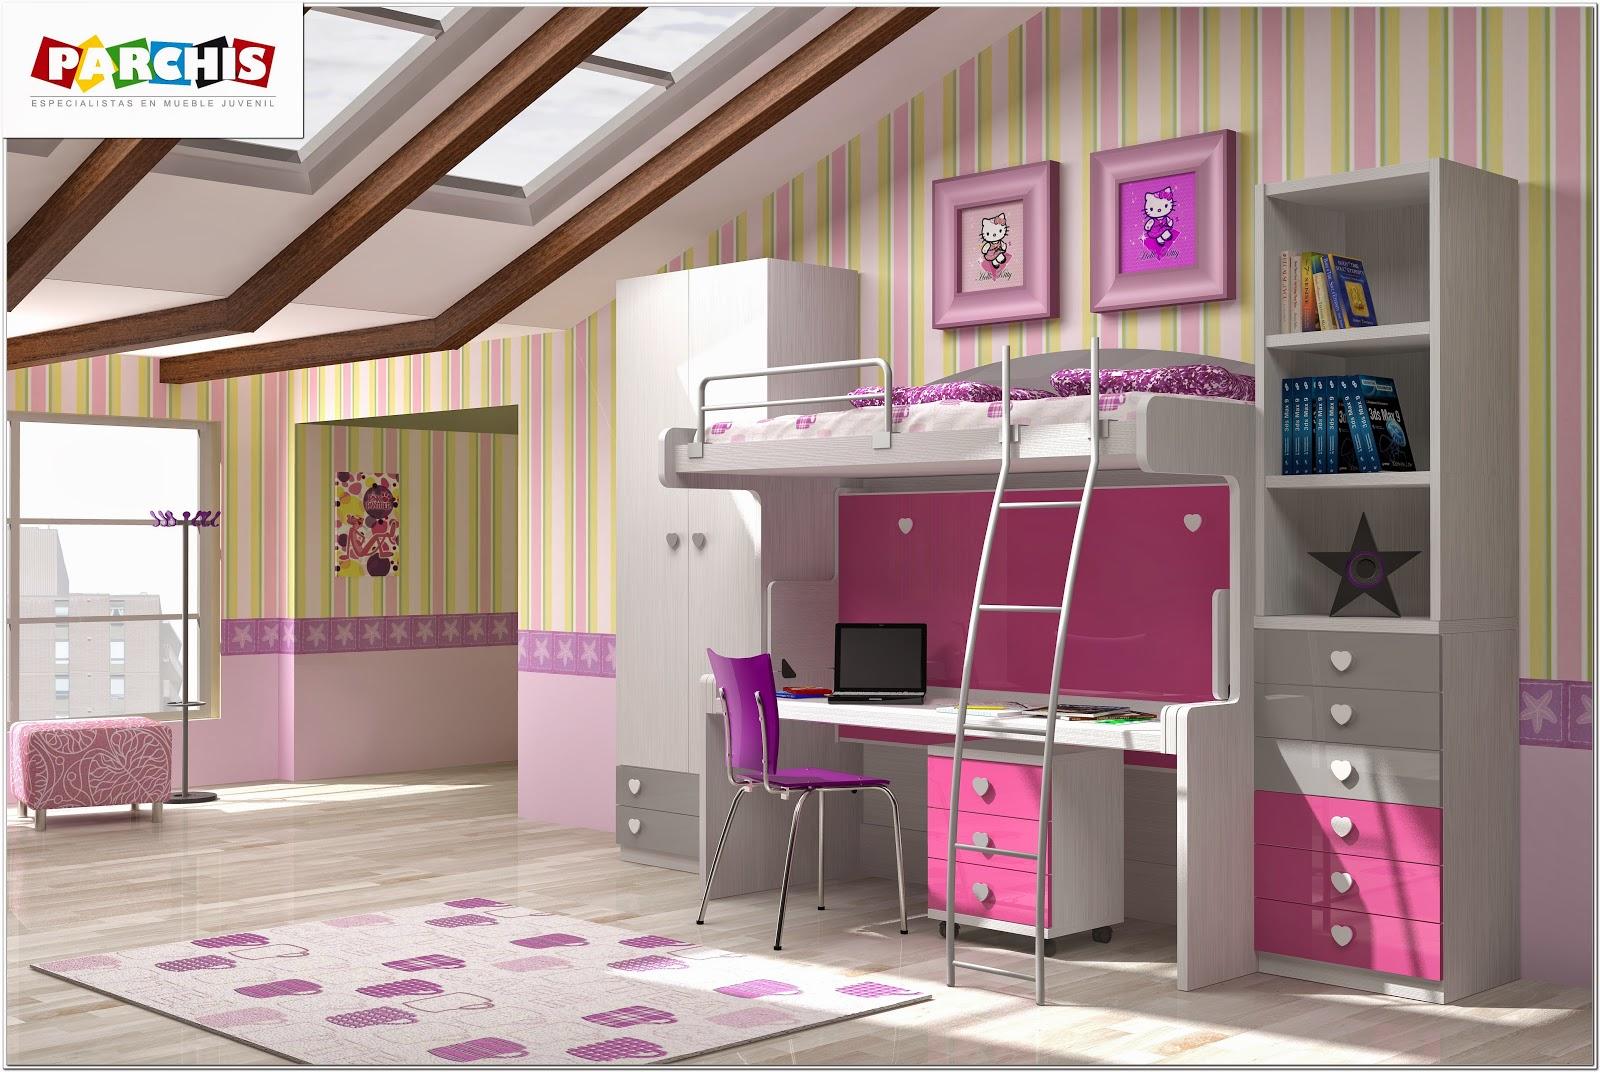 Muebles juveniles dormitorios infantiles y habitaciones for Modelos de habitaciones infantiles